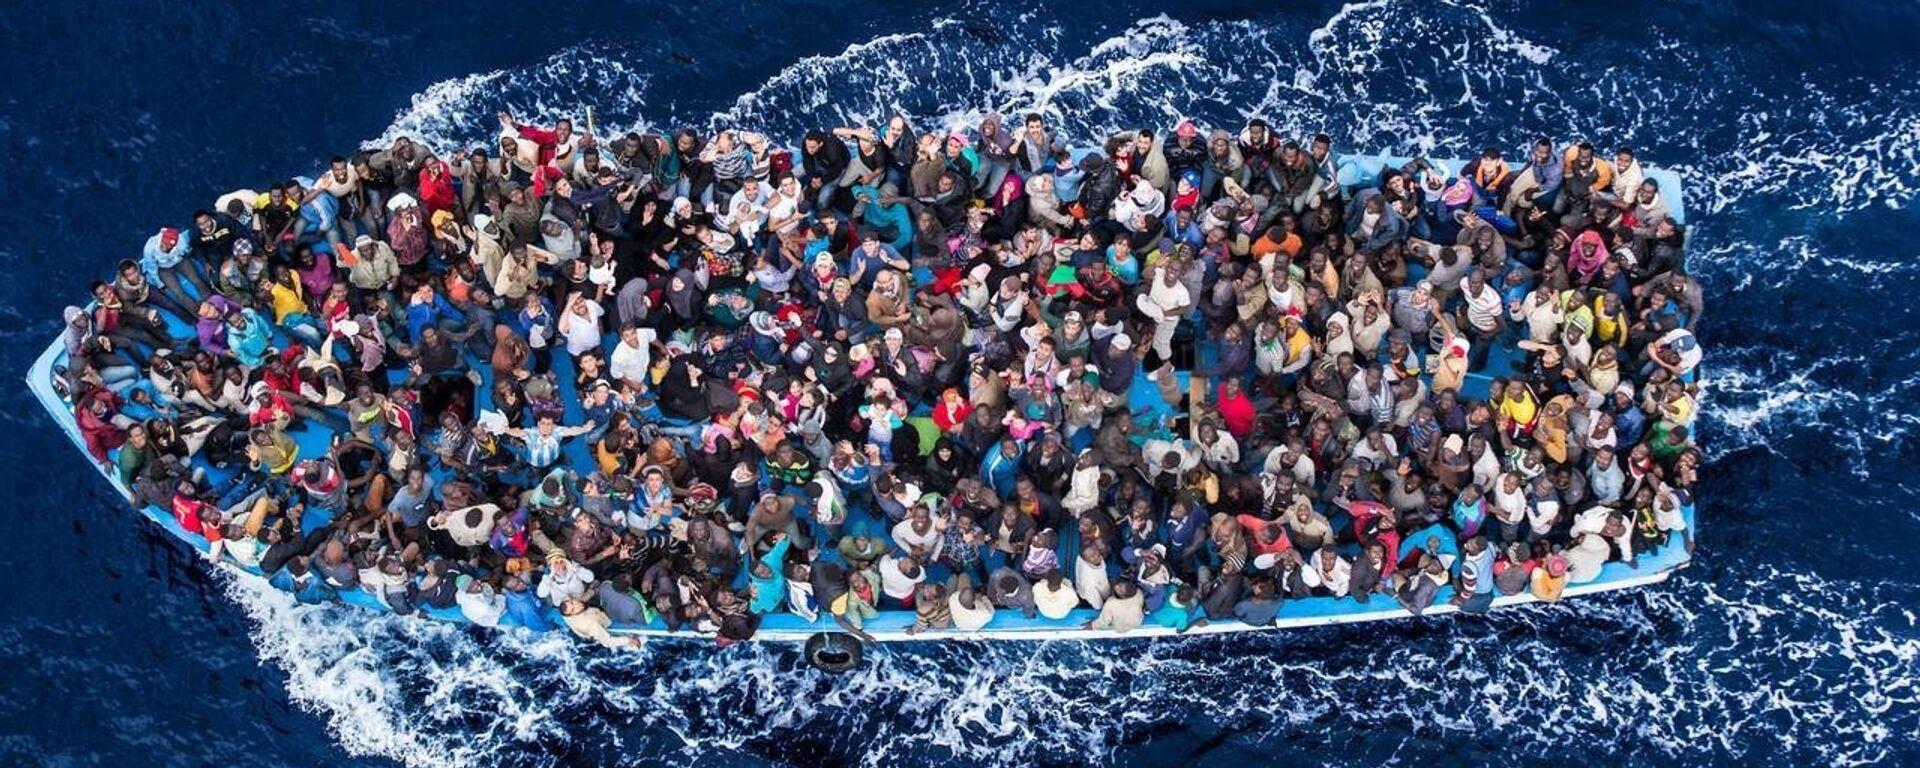 Una barca di migranti - Sputnik Italia, 1920, 13.08.2021